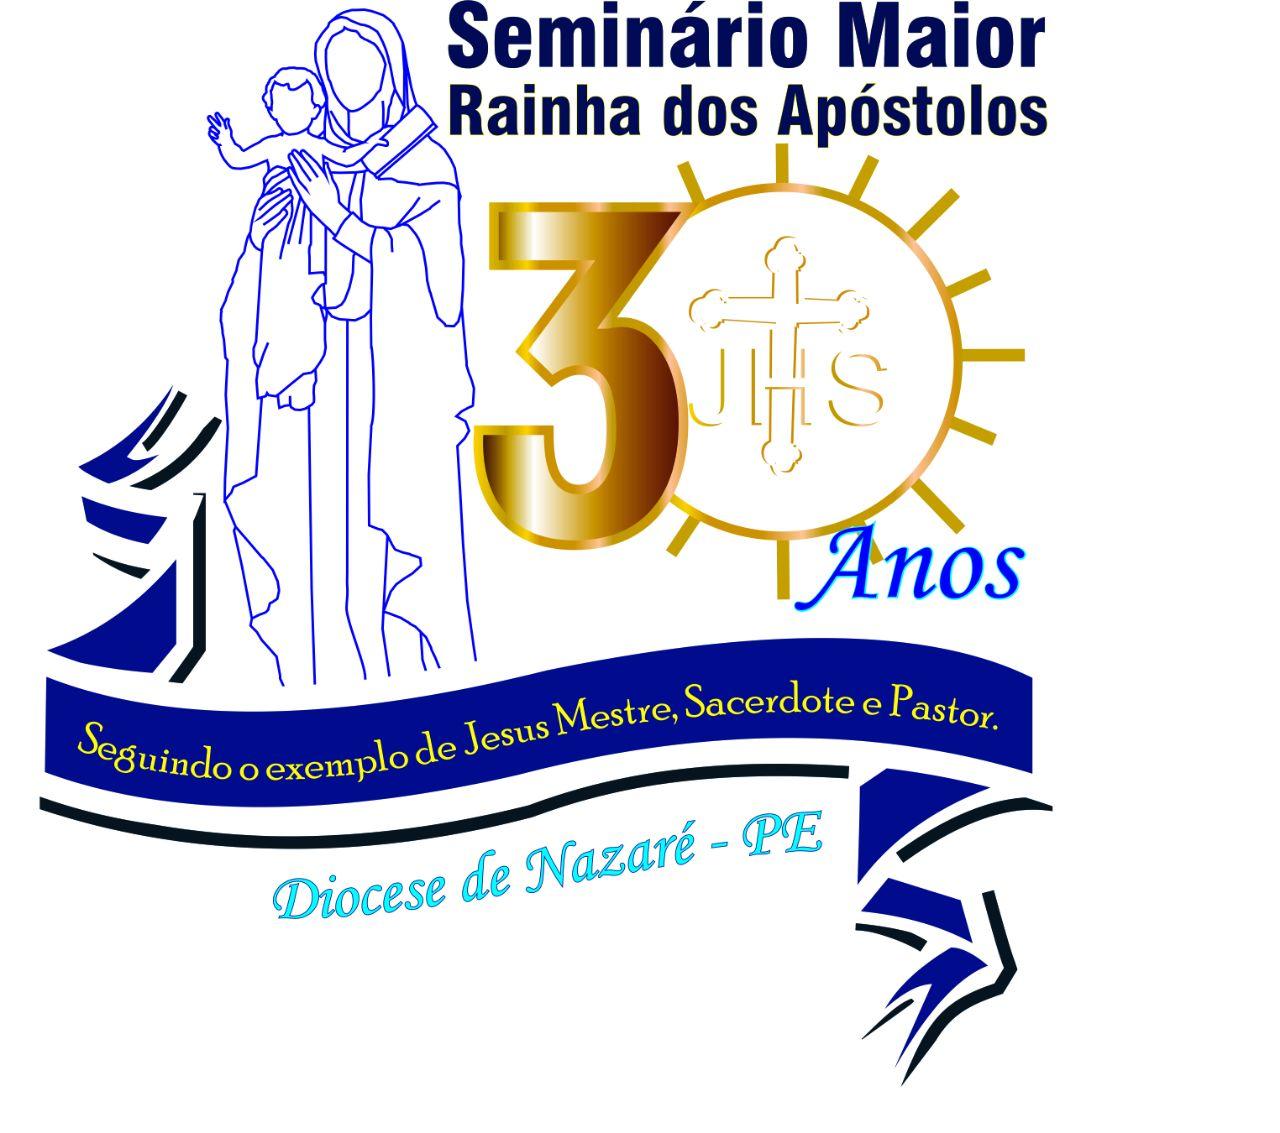 Seminário de Teologia e Filosofia